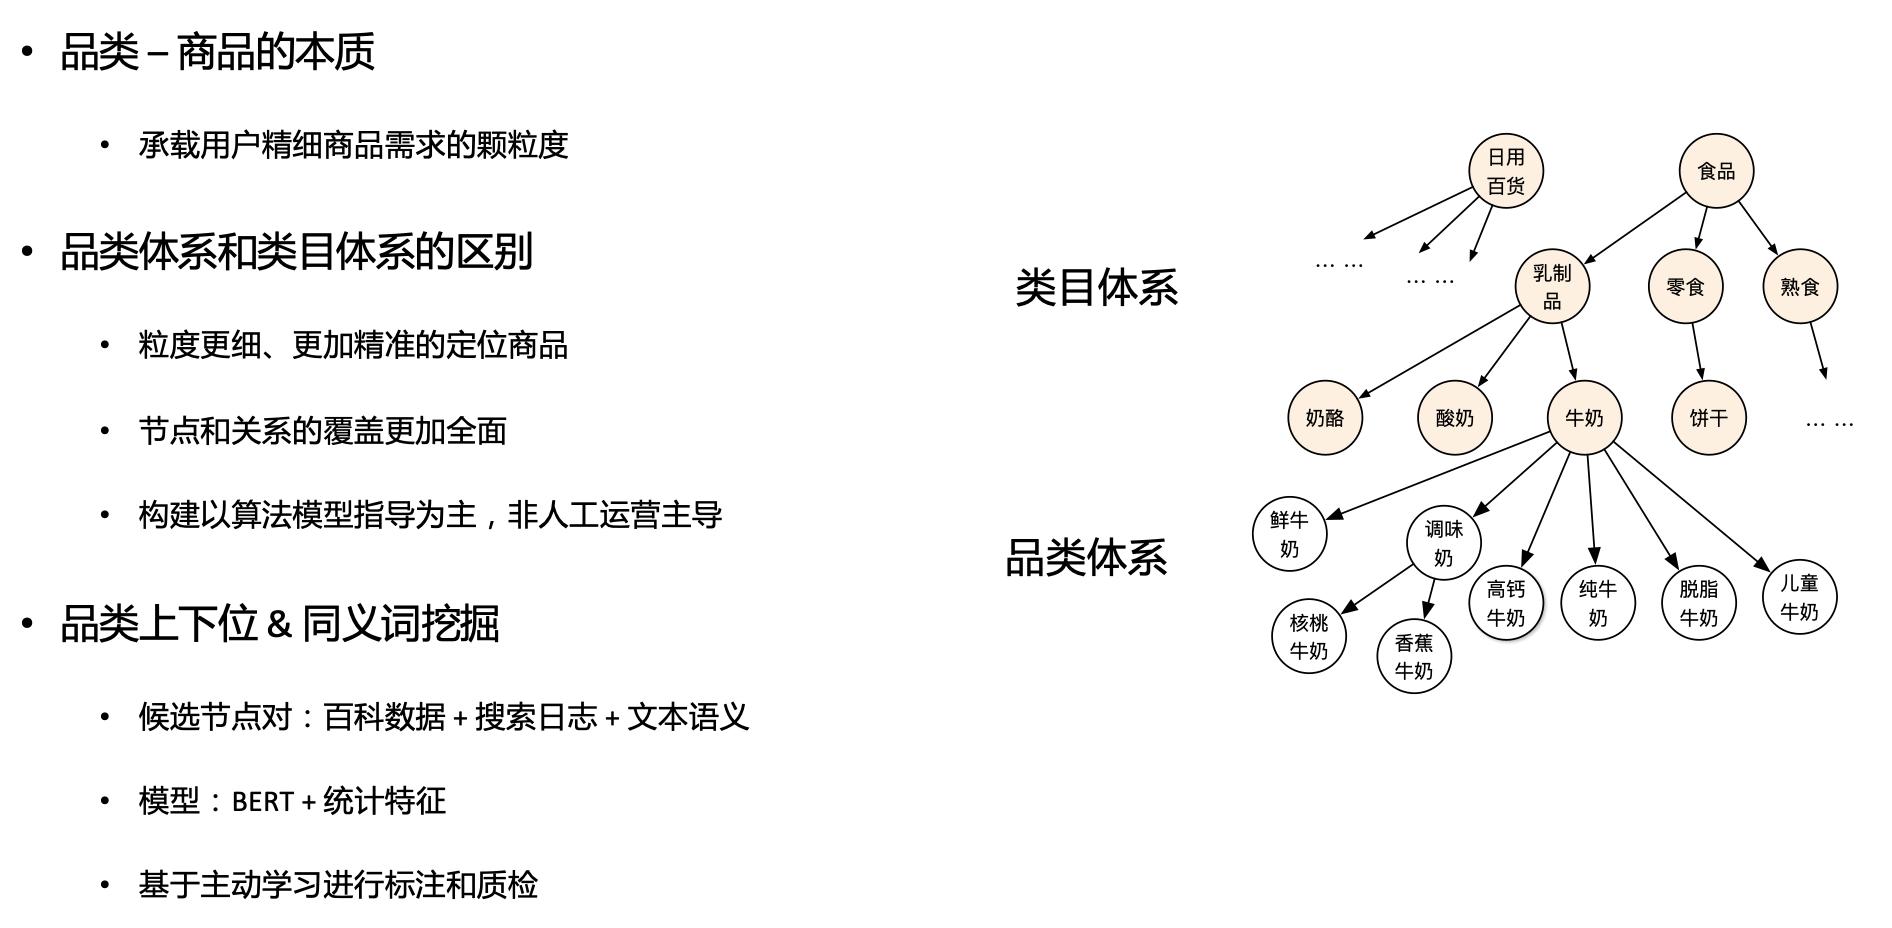 图5 商品图谱品类体系的构建